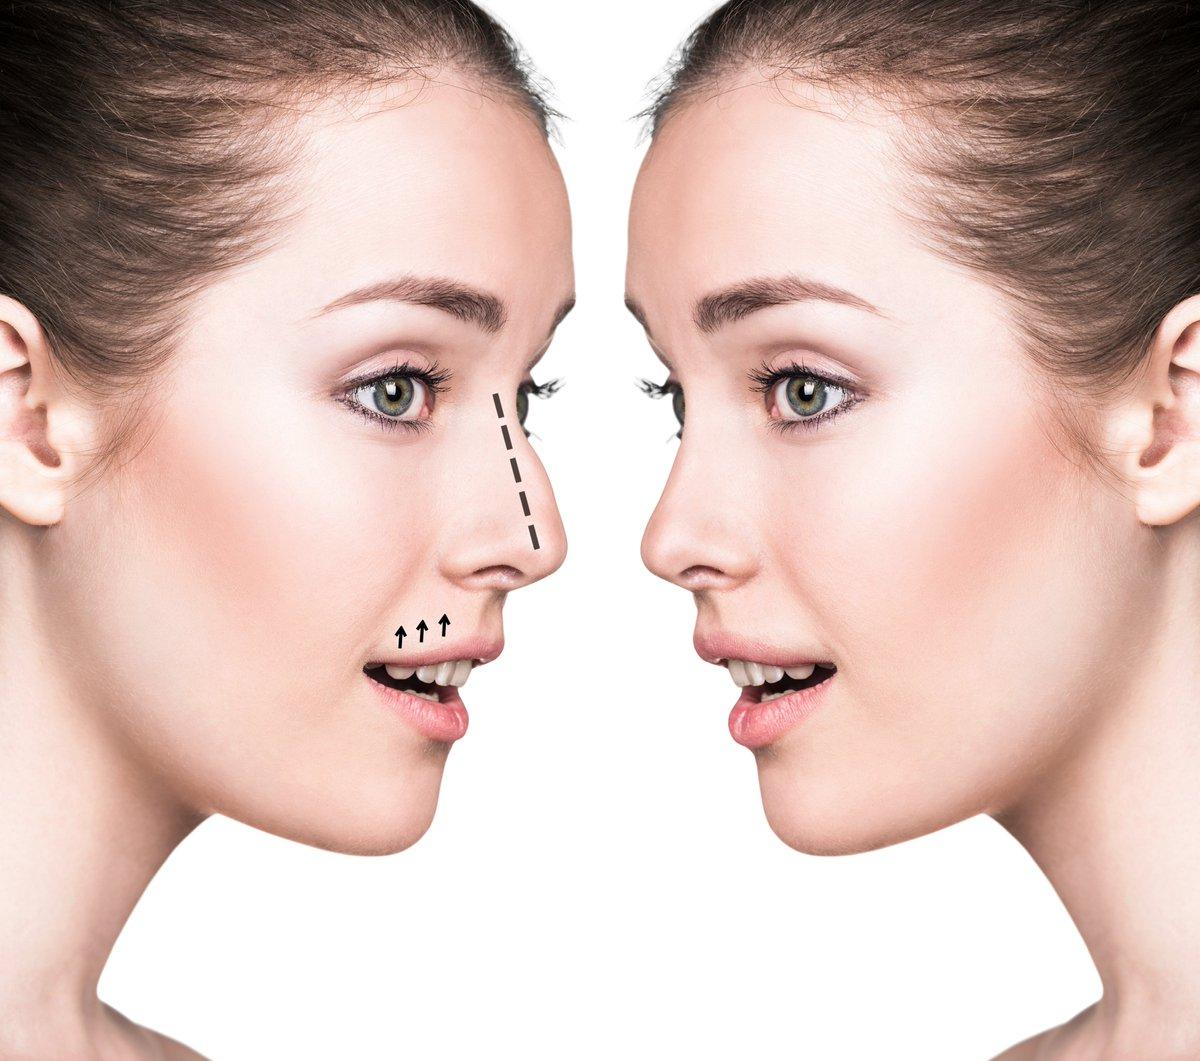 Nâng mũi cấu trúc được đánh giá là phương pháp nâng mũi an toàn, mang lại hiệu quả thẩm mỹ cao